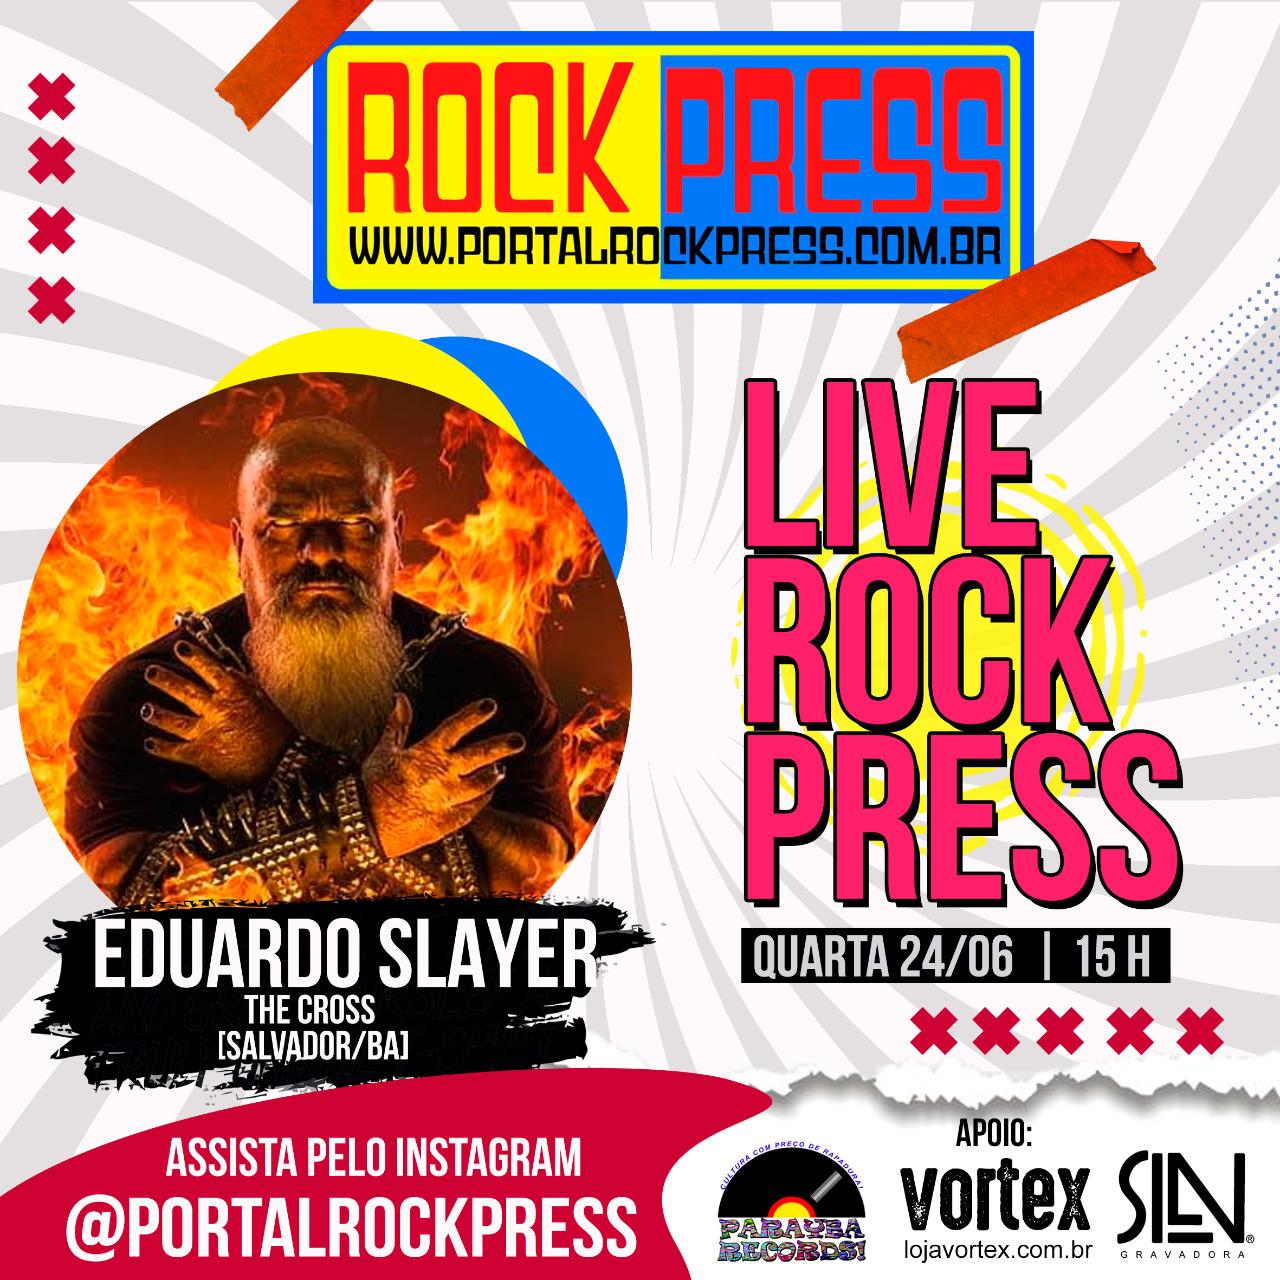 THE CROSS: Confira a entrevista ao Portal Rock Press